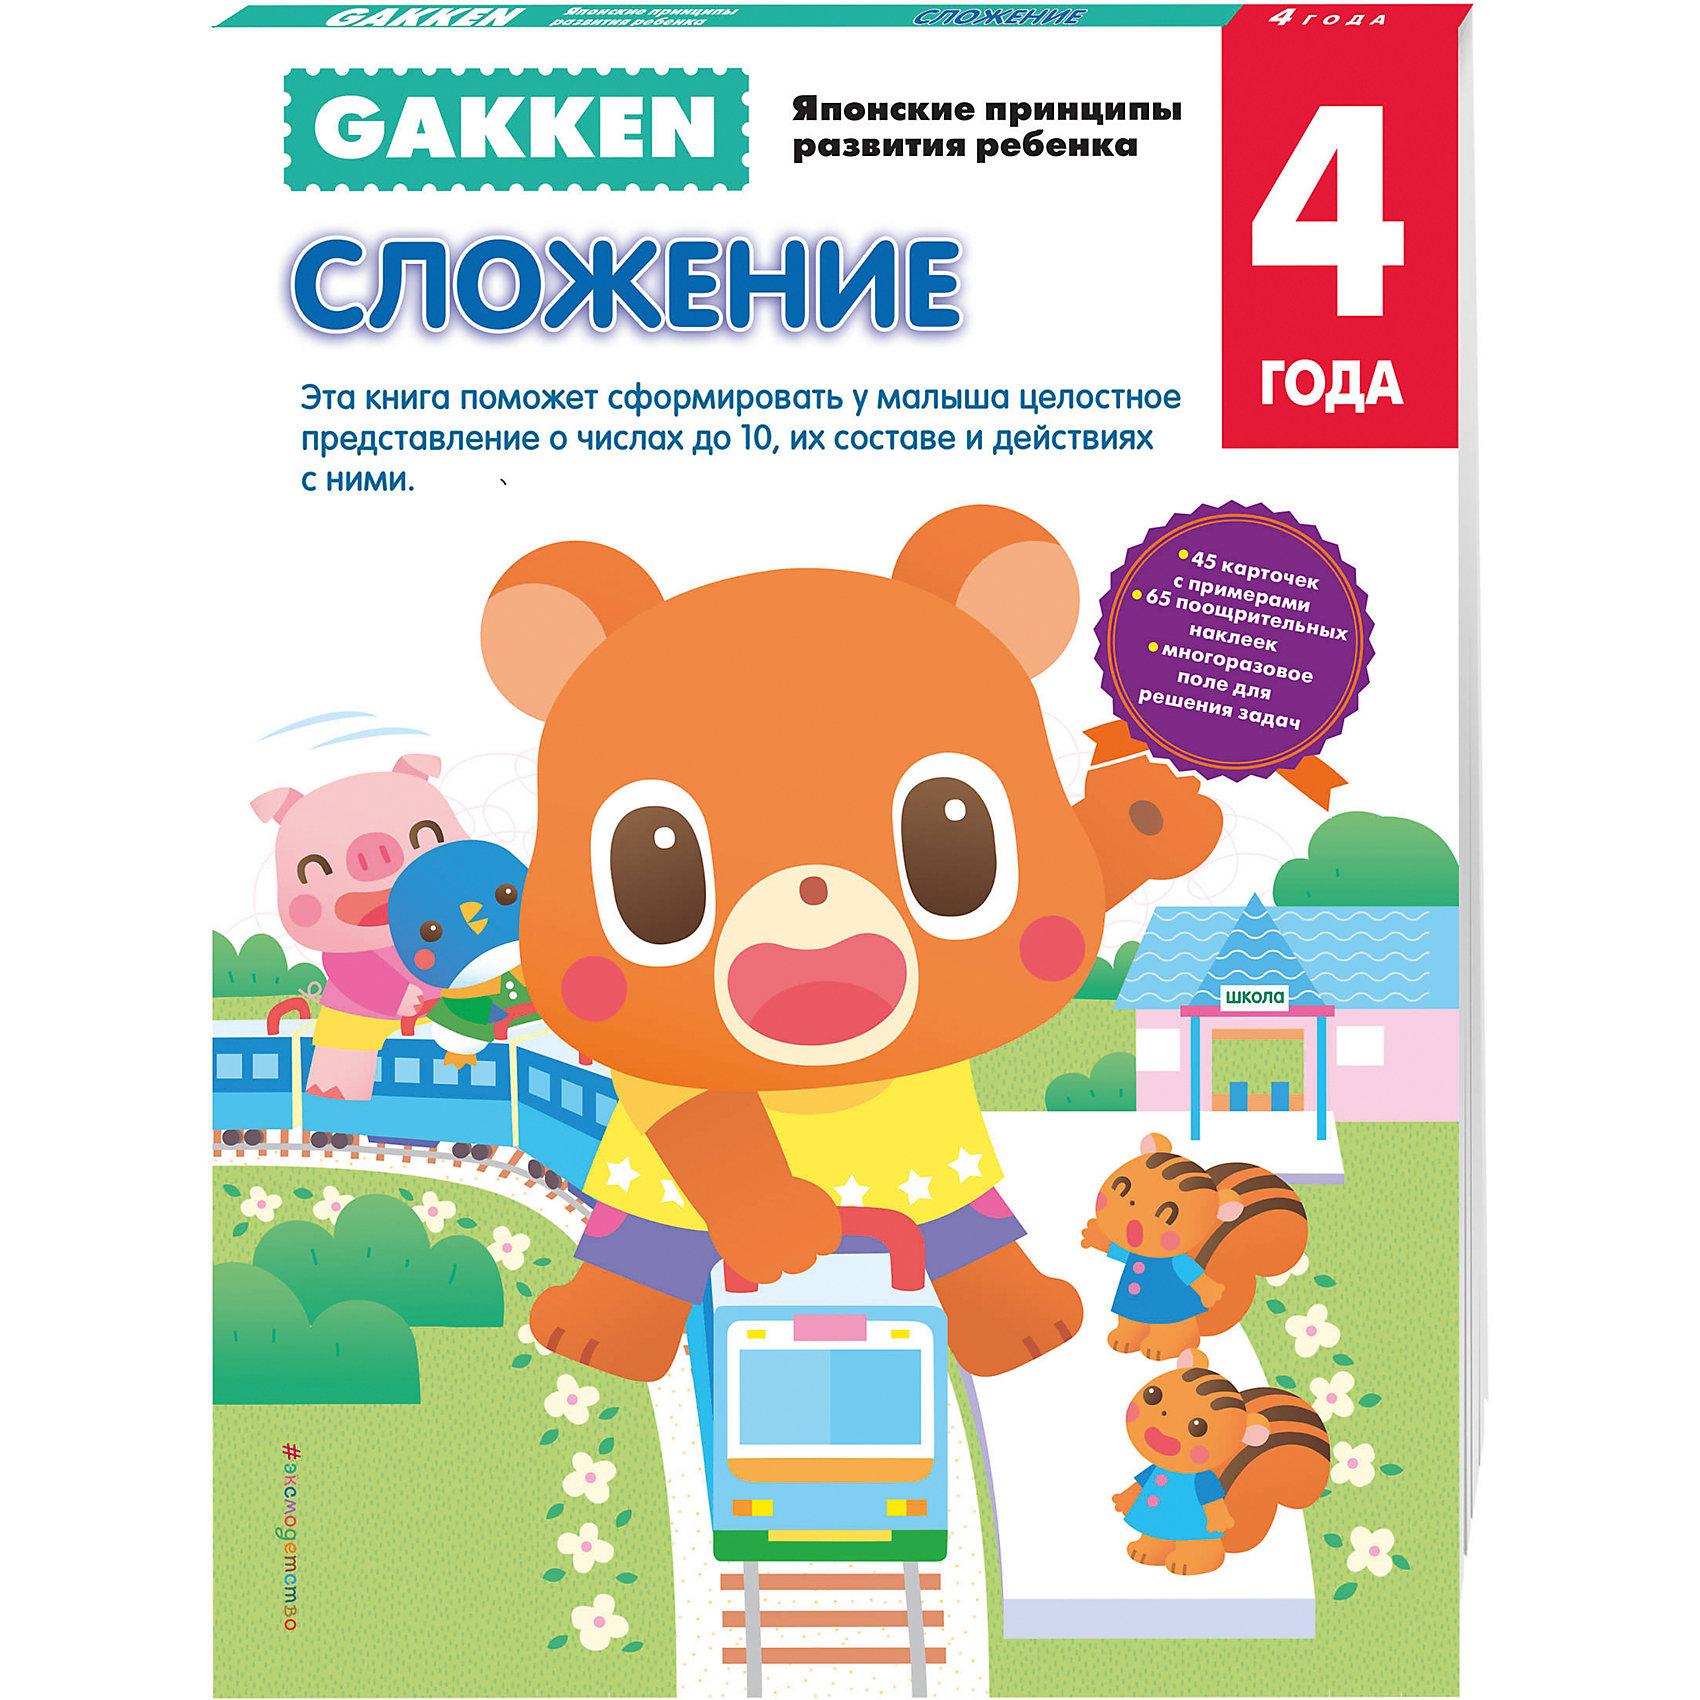 Сложение, 4+, GakkenОбучение счету<br>Книга 4+ Сложение поможет родителям научить малыша понимать, что такое сложение, анализировать состав чисел до 10, решать примеры на сложение с числами до 10, самостоятельно составлять и записывать примеры по правилам.<br><br>Занимаясь по рабочим тетрадям «GAKKEN Японские принципы развития ребенка» вы через некоторое время сами убедитесь в том, что  без нервотрепки и утомительных скучных занятий  ваш ребенок может:<br>•Самостоятельно находить решения довольно сложных задач, в том числе пространственных<br>•Логически рассуждать и принимать решения<br>•Не просто считать, но и понимать математическую логику счета и решения задач<br>•Правильно держать карандаш и фломастер<br>•Рисовать, раскрашивать, проводить разные линии<br>•Управляться с ножницами и клеем<br>•Делать по образцу и даже придумывать сам аппликации и другие поделки из бумаги<br><br>Ширина мм: 320<br>Глубина мм: 240<br>Высота мм: 10<br>Вес г: 286<br>Возраст от месяцев: 48<br>Возраст до месяцев: 60<br>Пол: Унисекс<br>Возраст: Детский<br>SKU: 6878127